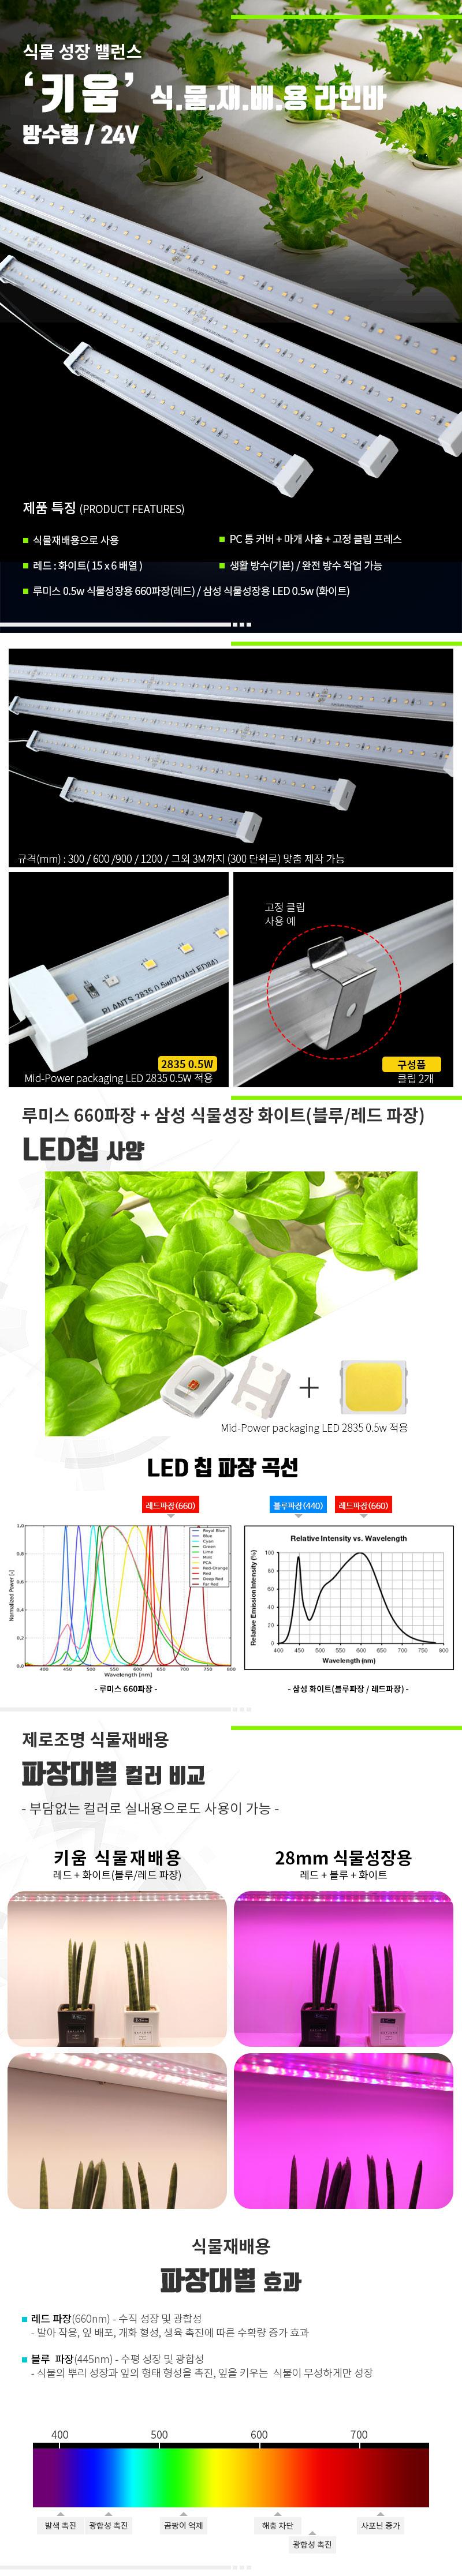 제로조명 키움 식물재배용 LED라인바